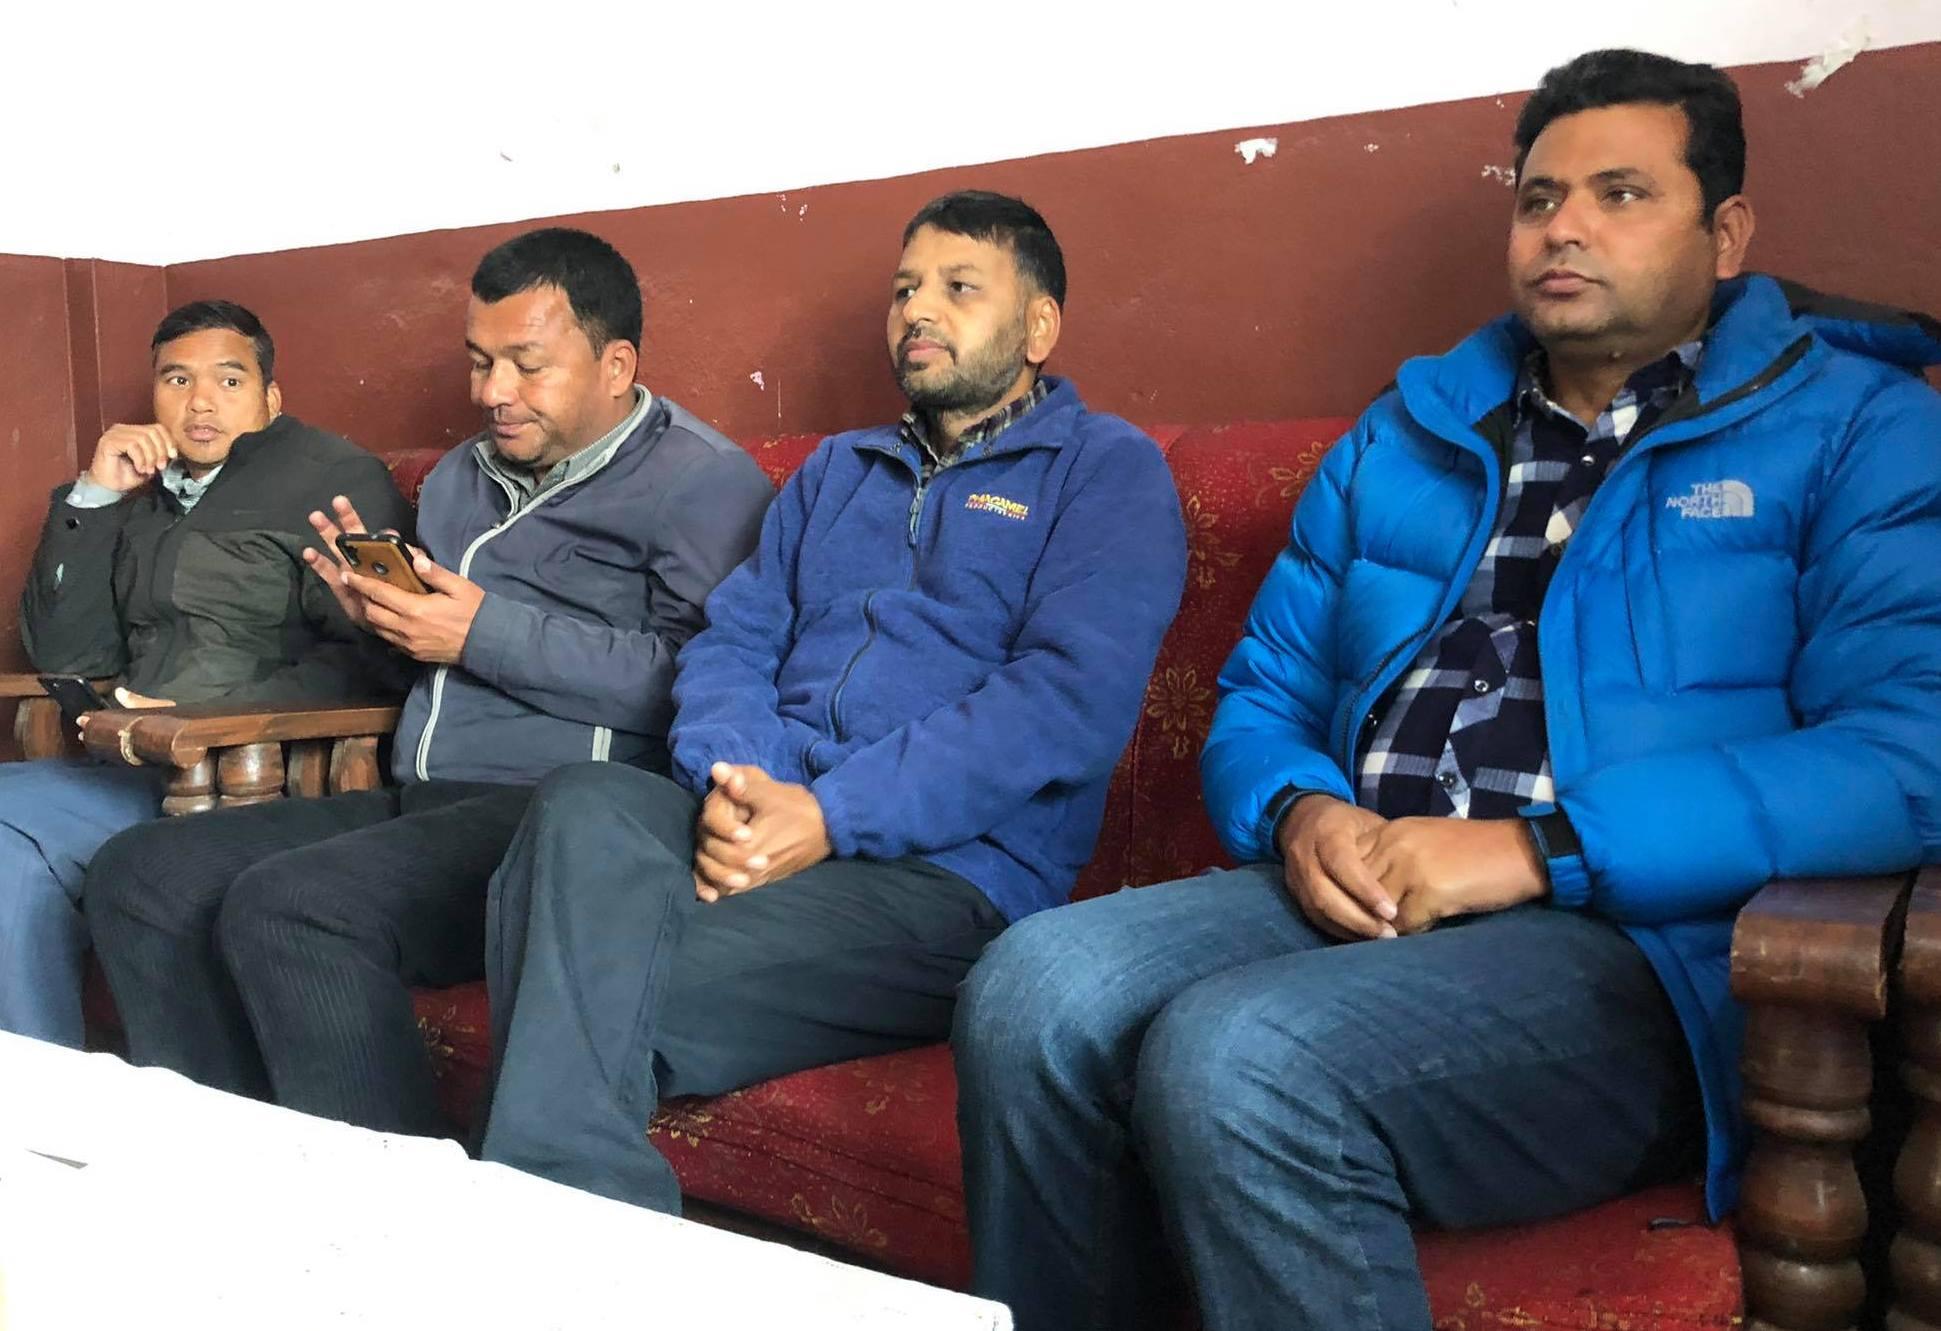 प्रचण्ड–नेपाल पक्षका नेता भन्छनः 'ओली समुहको चुनाव चिन्ह 'बयलगाडा' र पार्टी कार्यालय बालकोट हुन सक्छ'